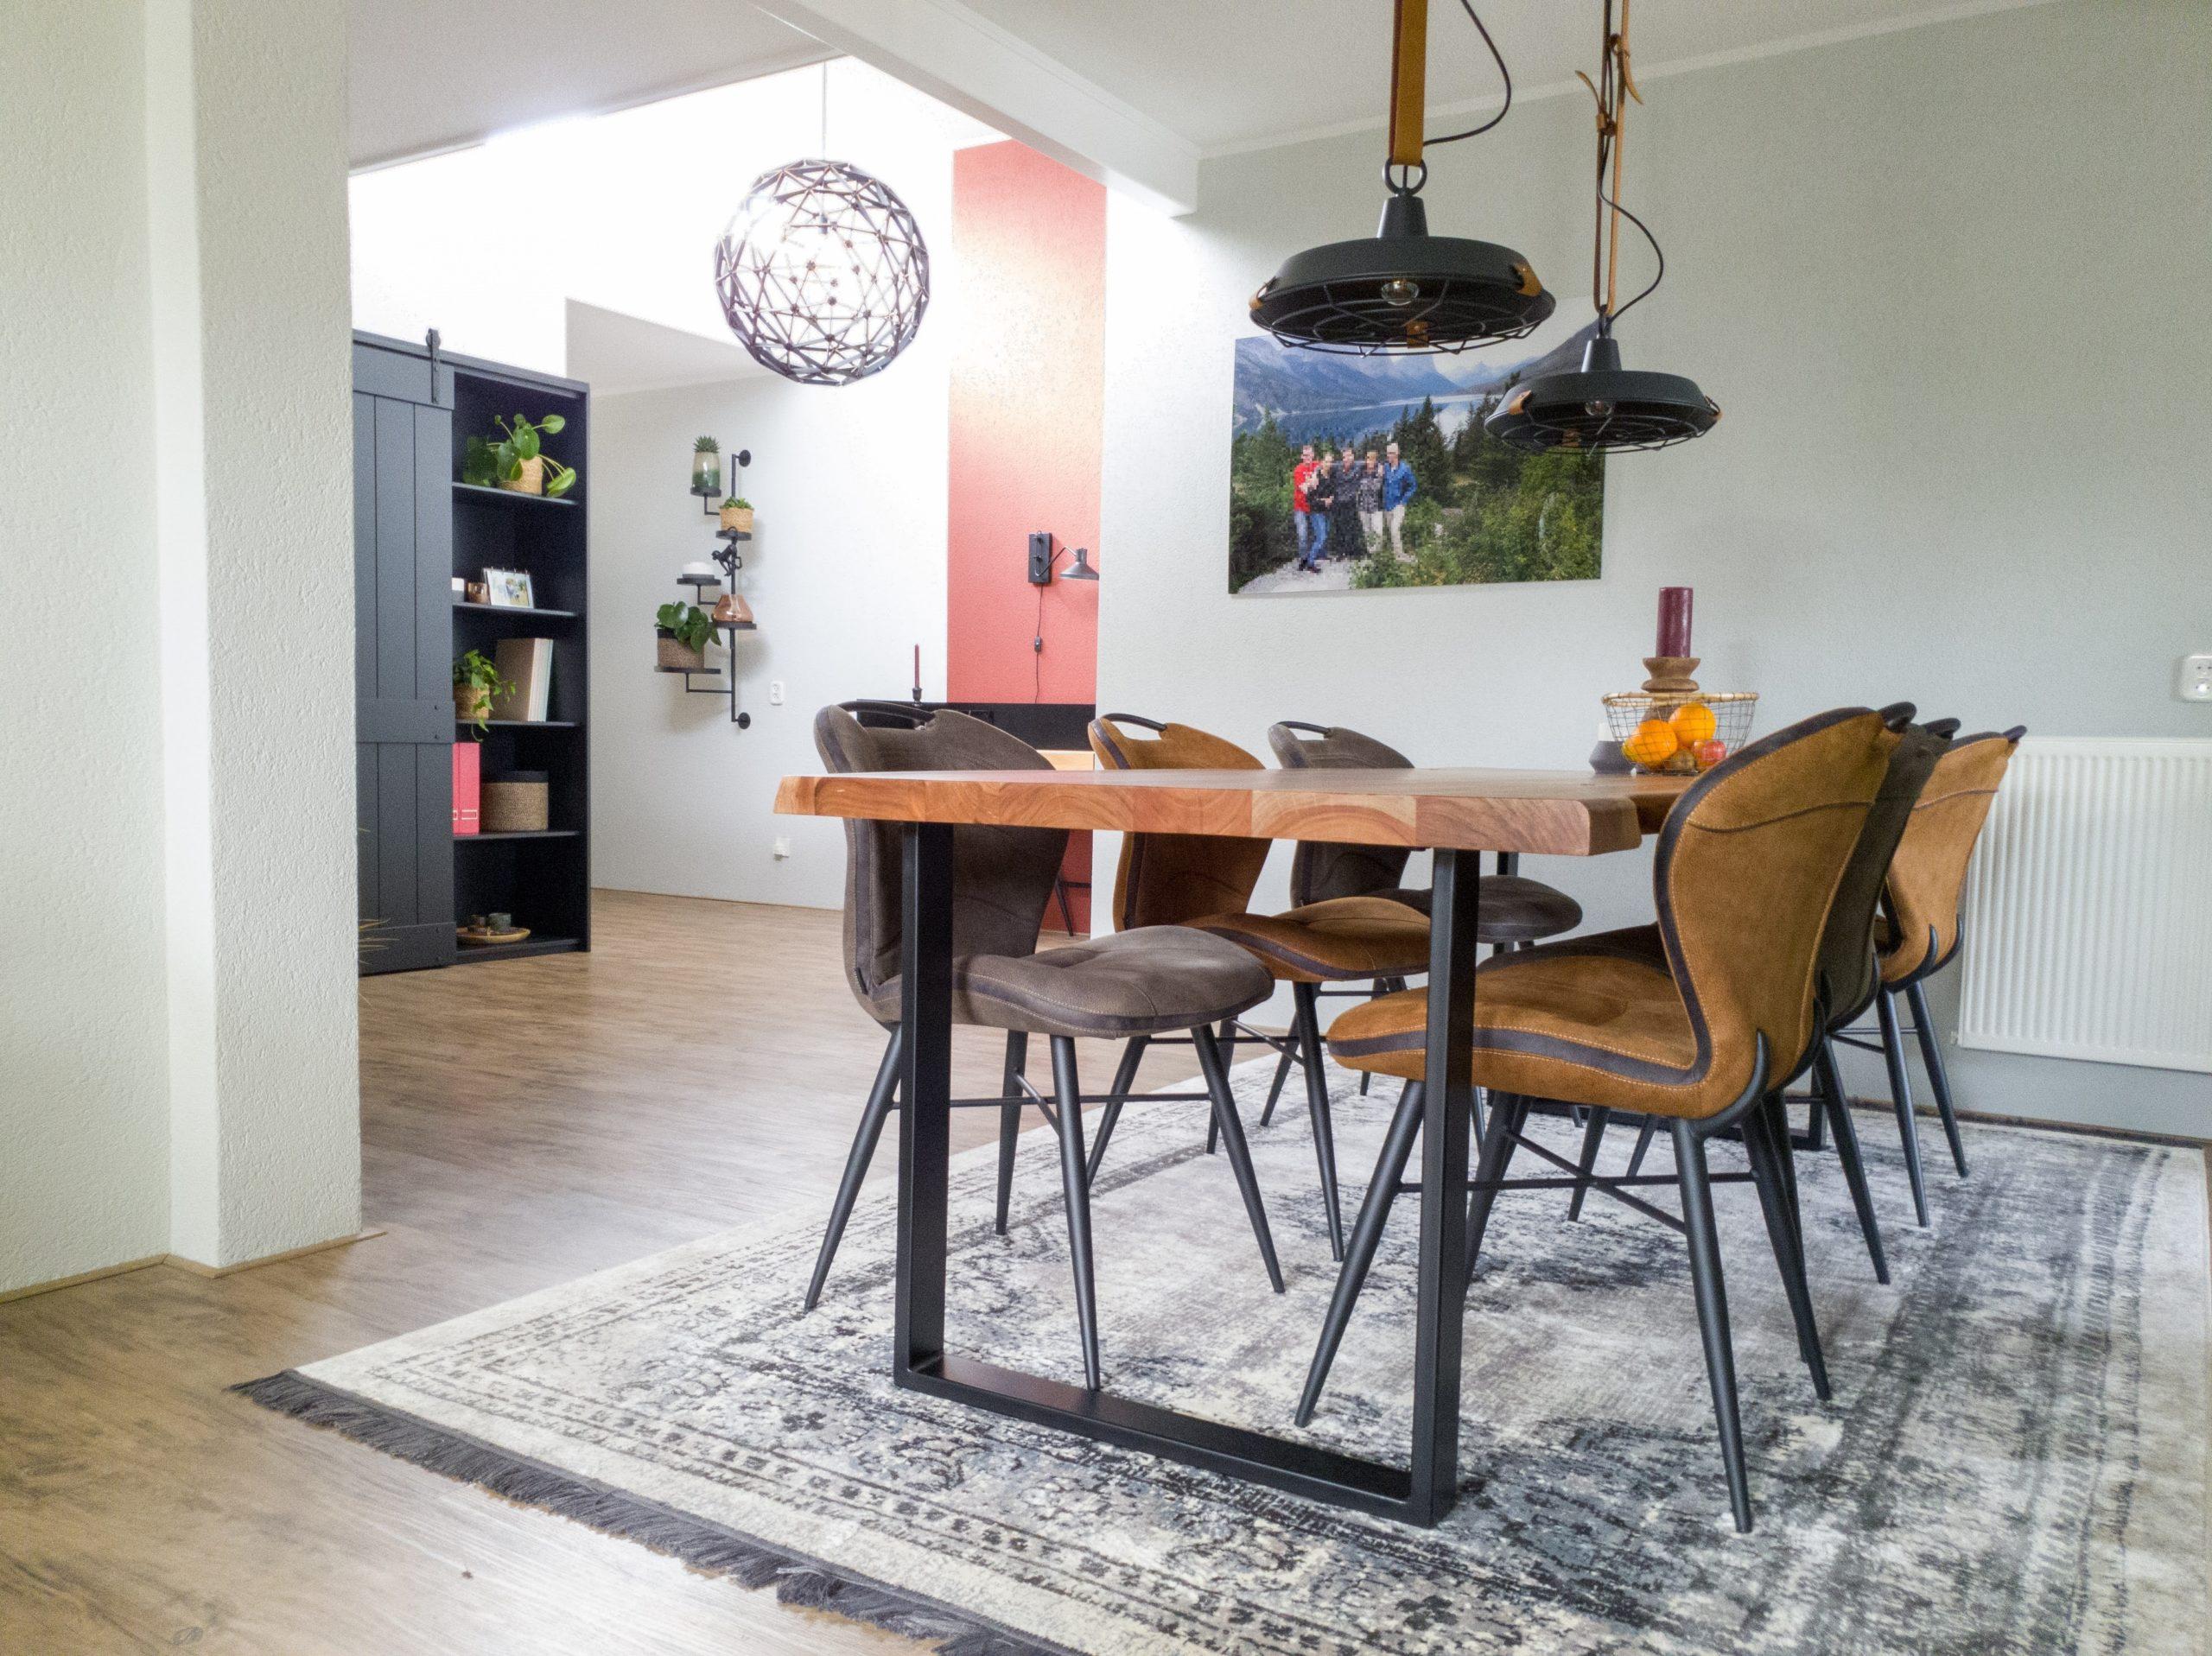 Afstyling nieuw interieur Sandra's Interieurstyling interieurontwerp (23)